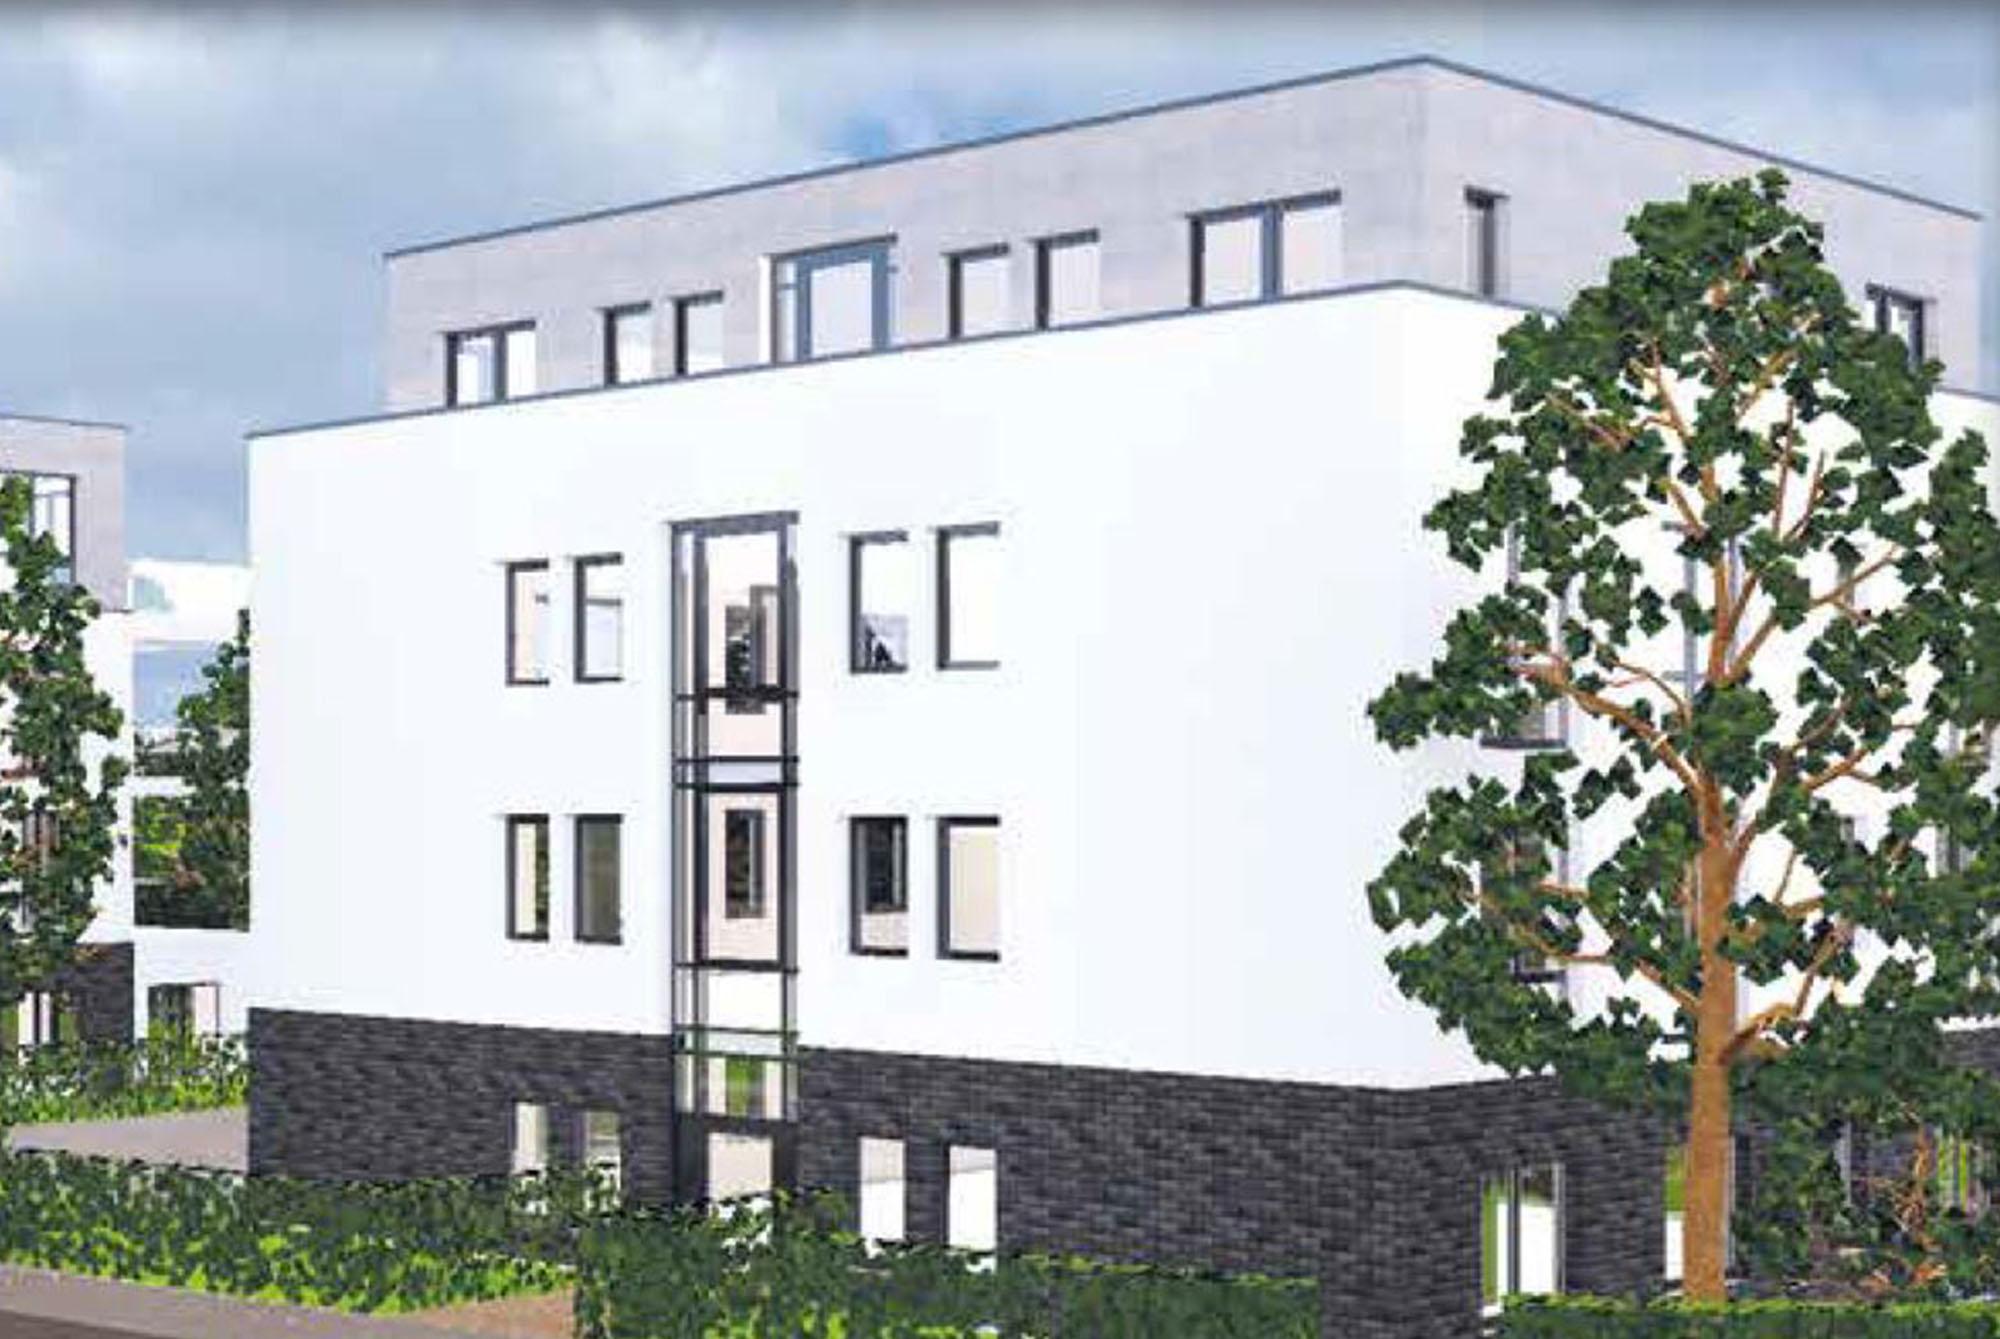 2017100 3 immobilien weidenbach wohnung herne vorderansicht immobilien. Black Bedroom Furniture Sets. Home Design Ideas